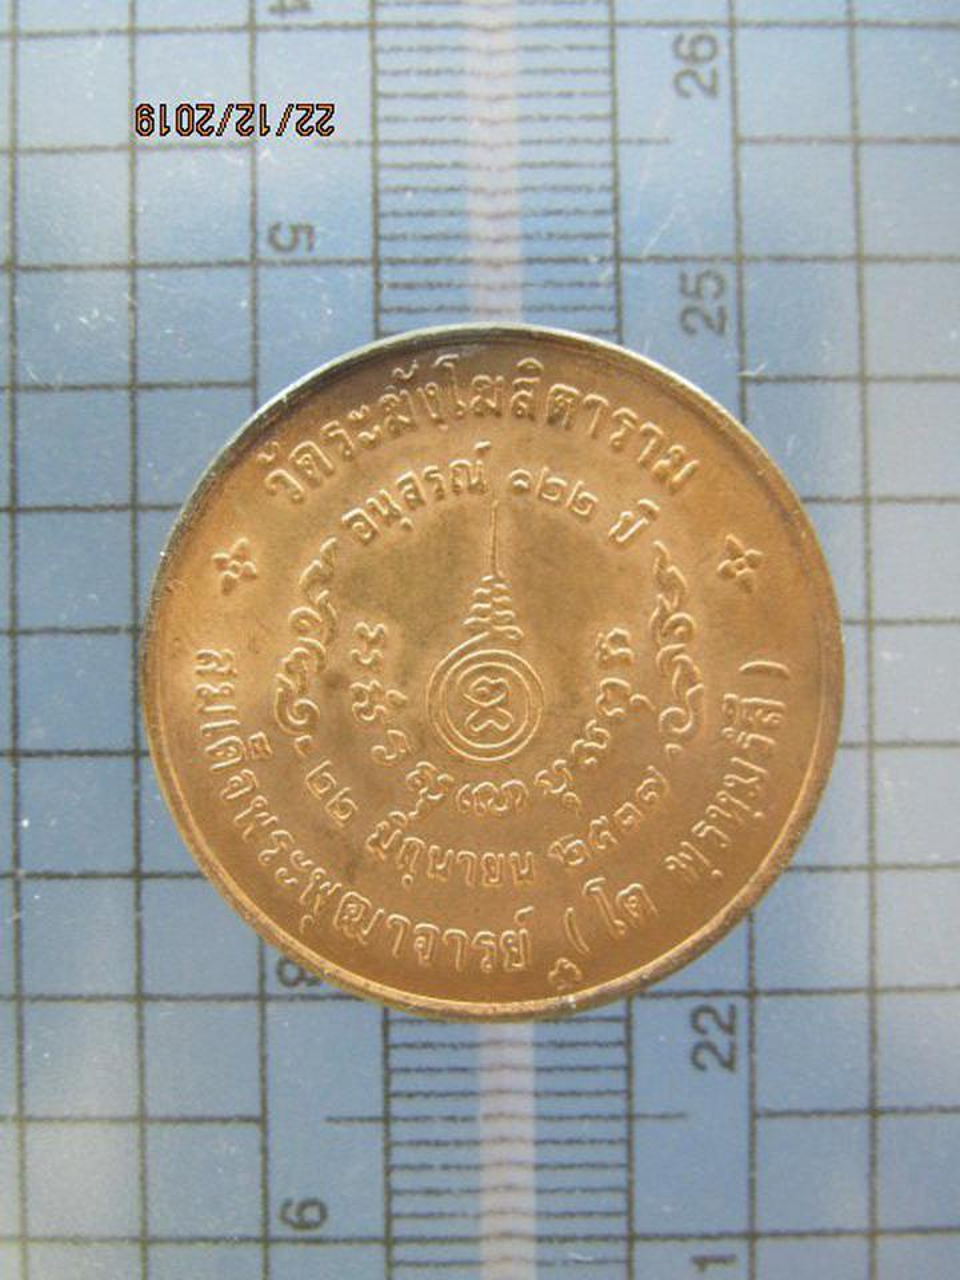 5375 เหรียญสมเด็จพุฒาจารย์โต รุ่น122 ปี วัดระฆังโฆสิตาราม ปี 2537 พิมพ์ใหญ่ กทม. รูปที่ 1